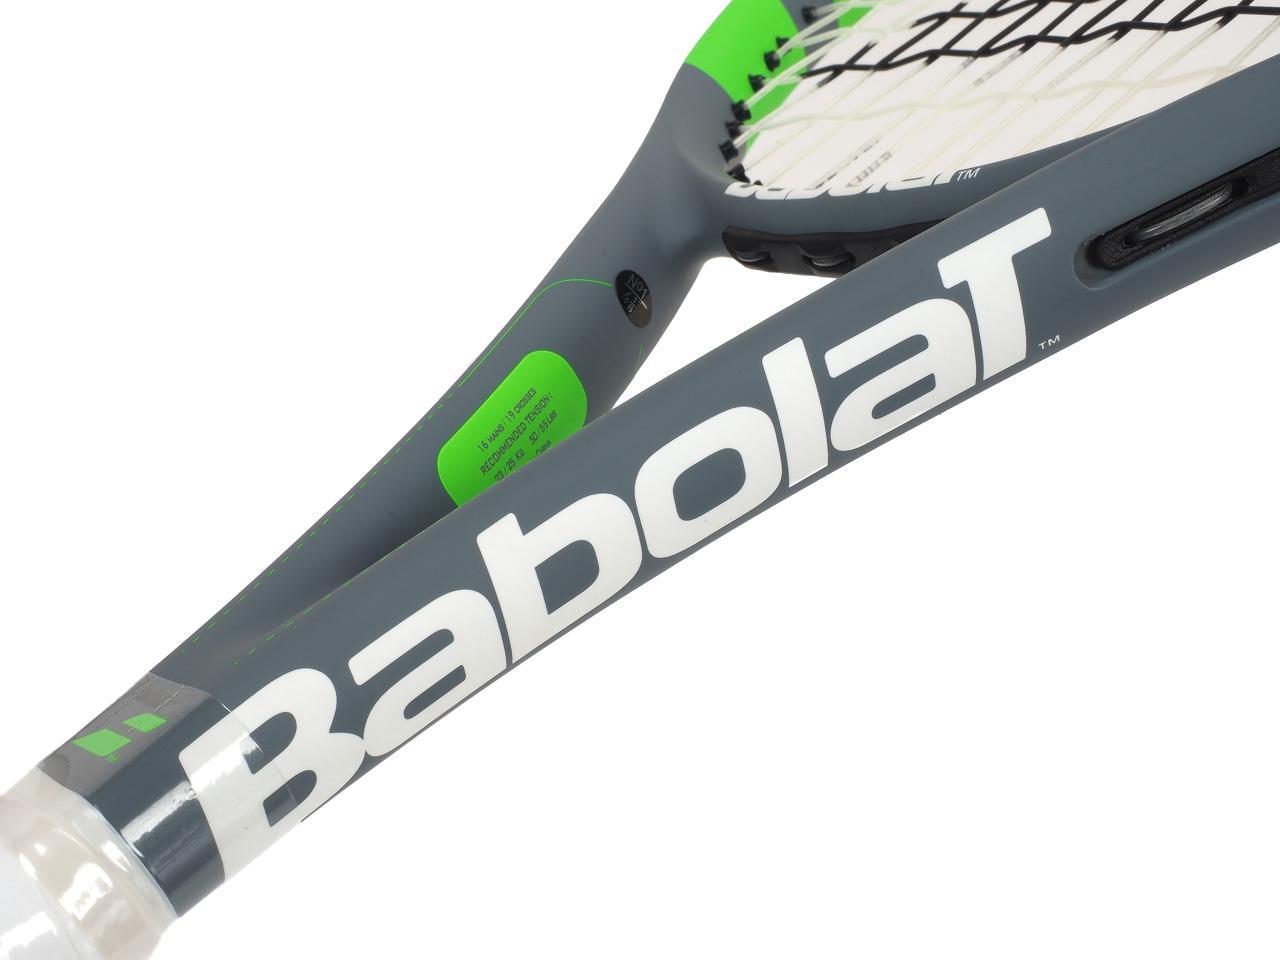 Raquette-de-tennis-Babolat-Rival-102-gris-anis-Gris-70076-Neuf